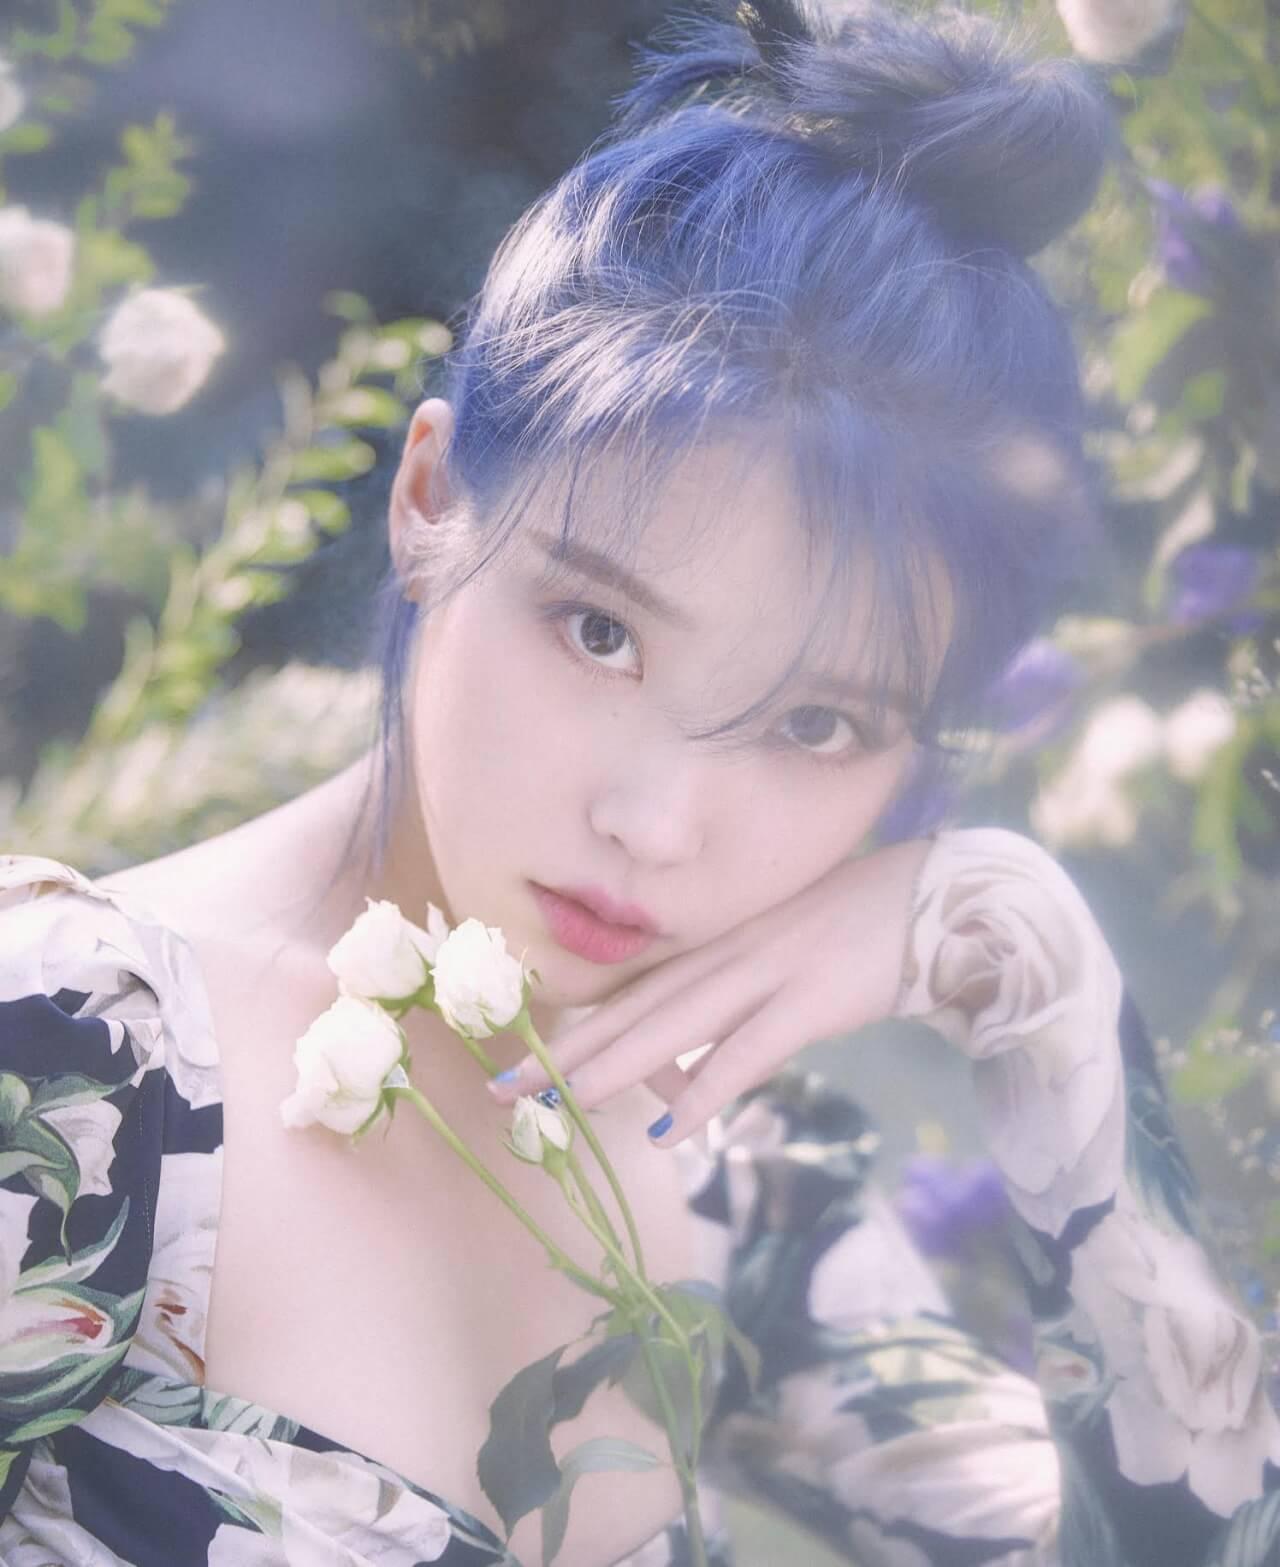 即將推出經典歌《YOU&I》後續曲的IU,將重啟歌手身份活動,未知到時又會帶給粉絲什麼驚喜?